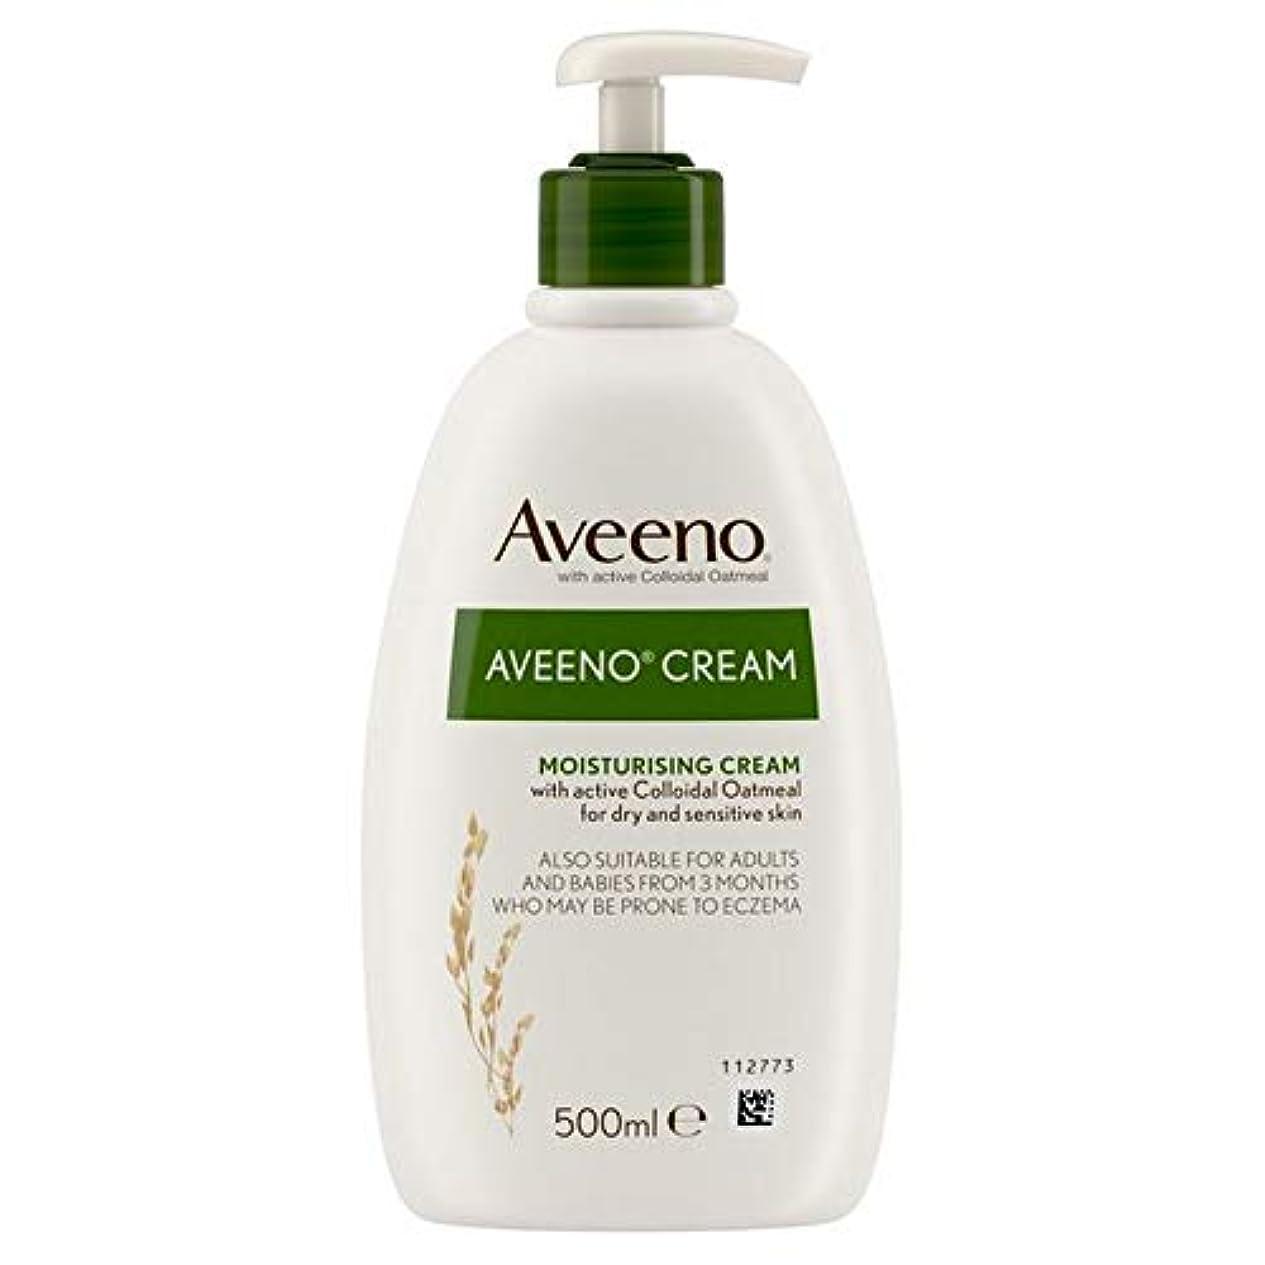 熱意害統合する[Aveeno] Aveenoクリーム500ミリリットル - Aveeno Cream 500ml [並行輸入品]